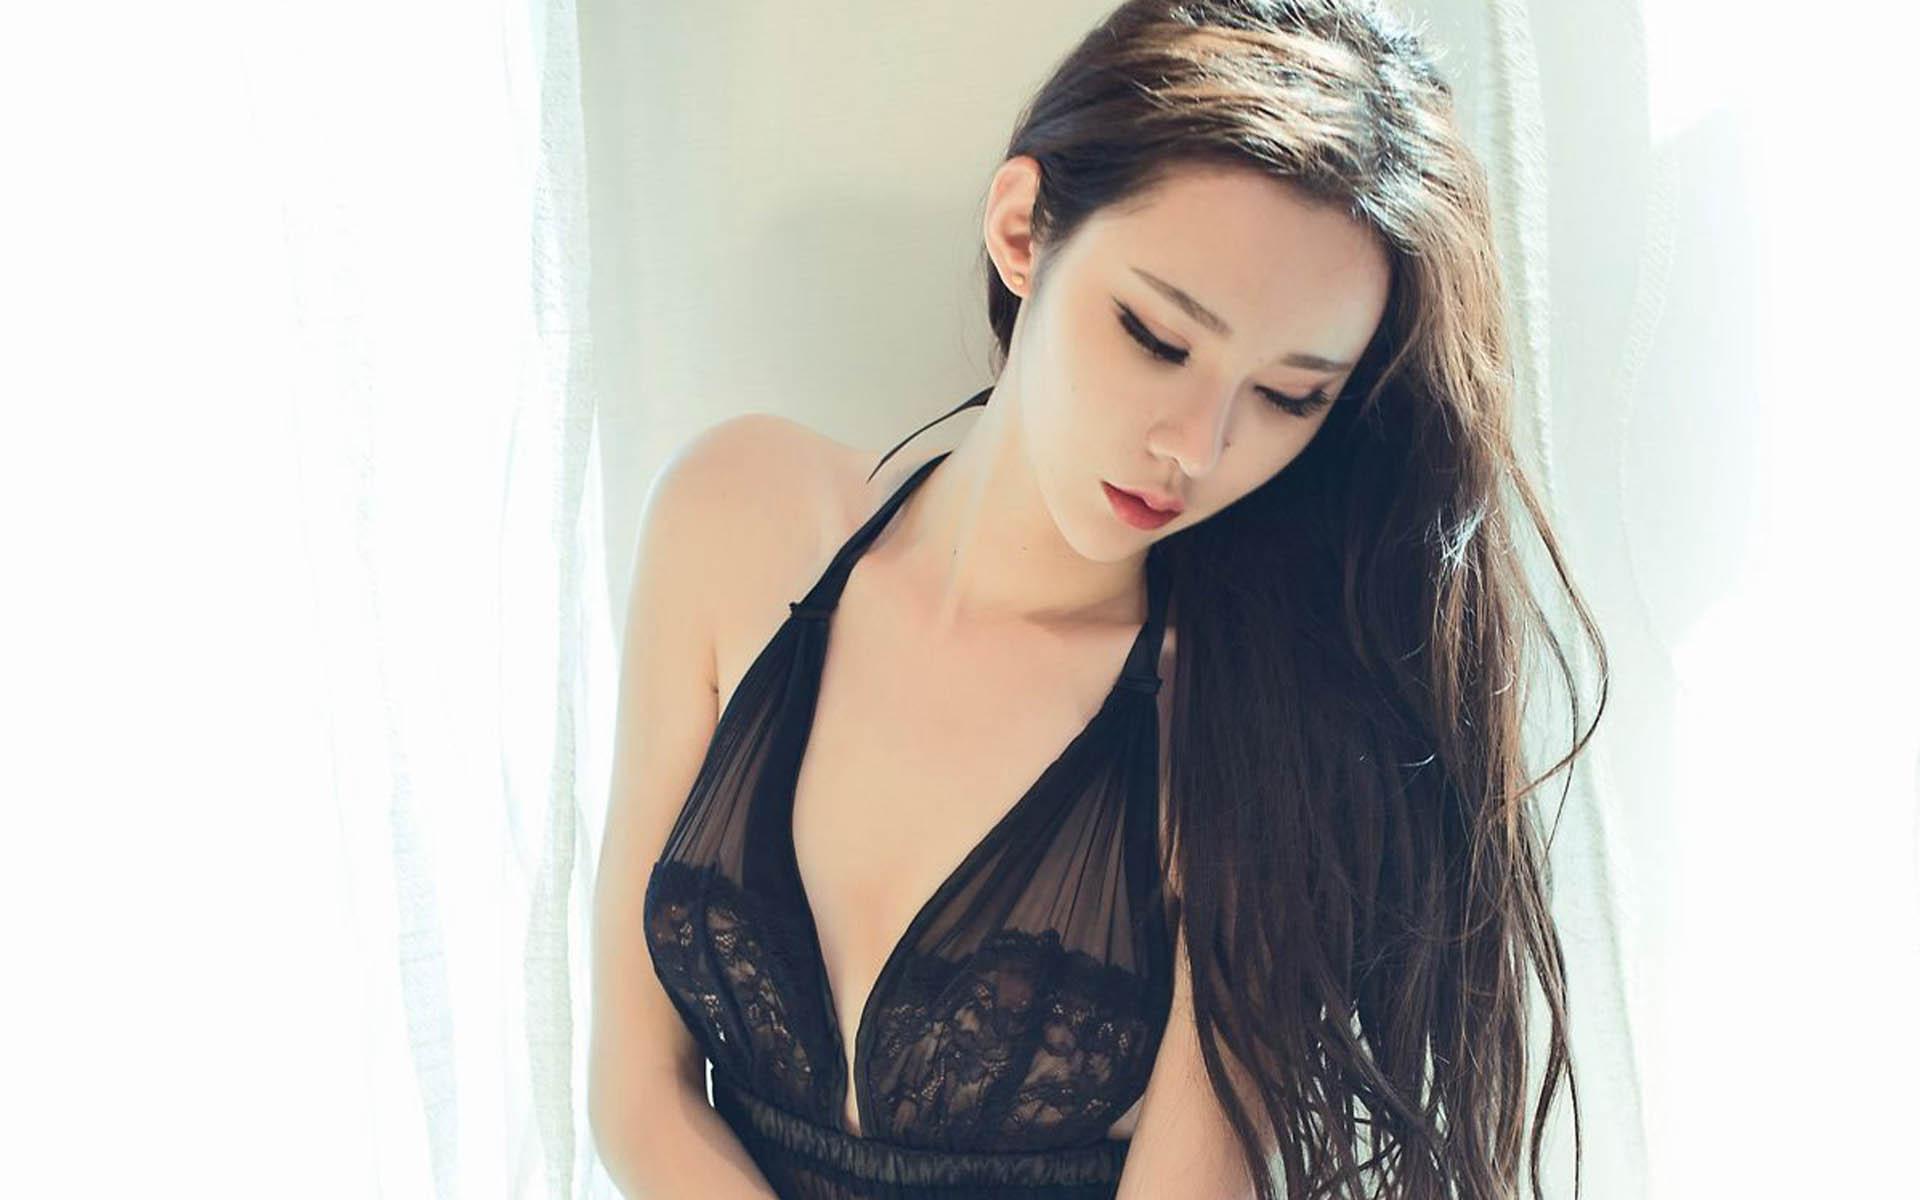 黑丝性感大胸内衣美女桌面壁纸 桌面壁纸 内衣美女 大胸 性感 黑丝 美女图片  图8